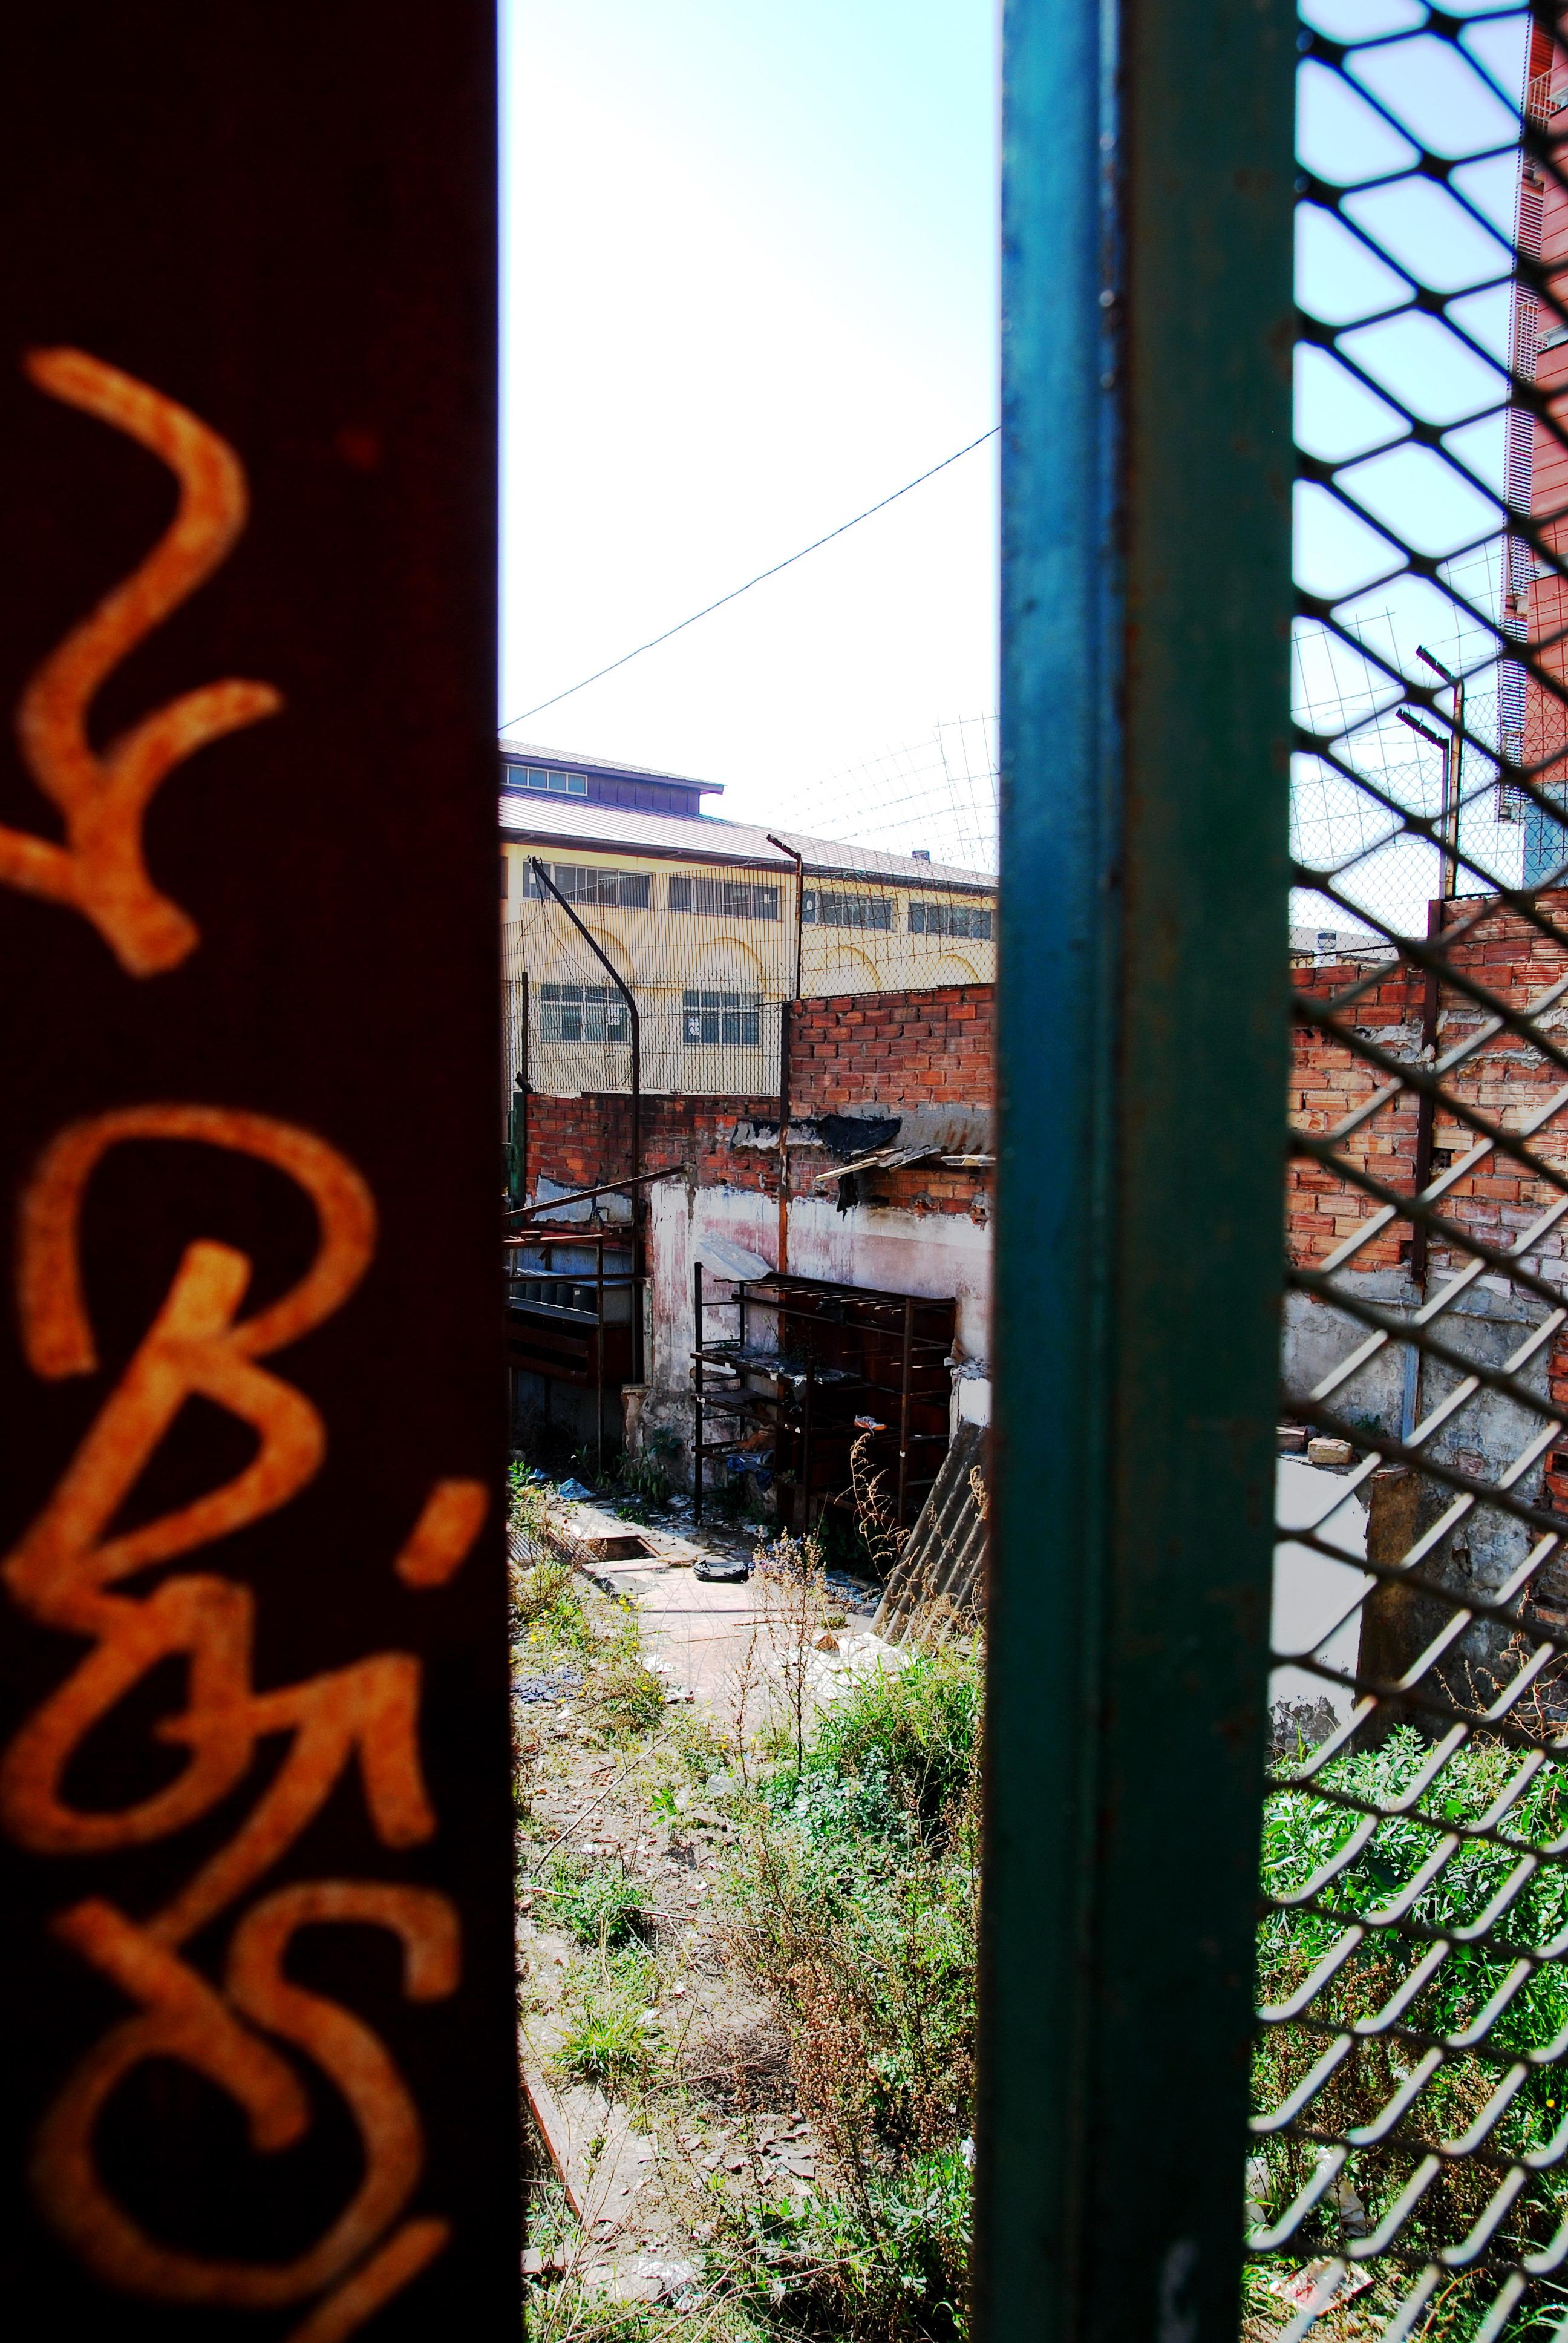 Fum d 39 estampa explore zigiella 39 s photos on flickr for Piscina fum d estampa